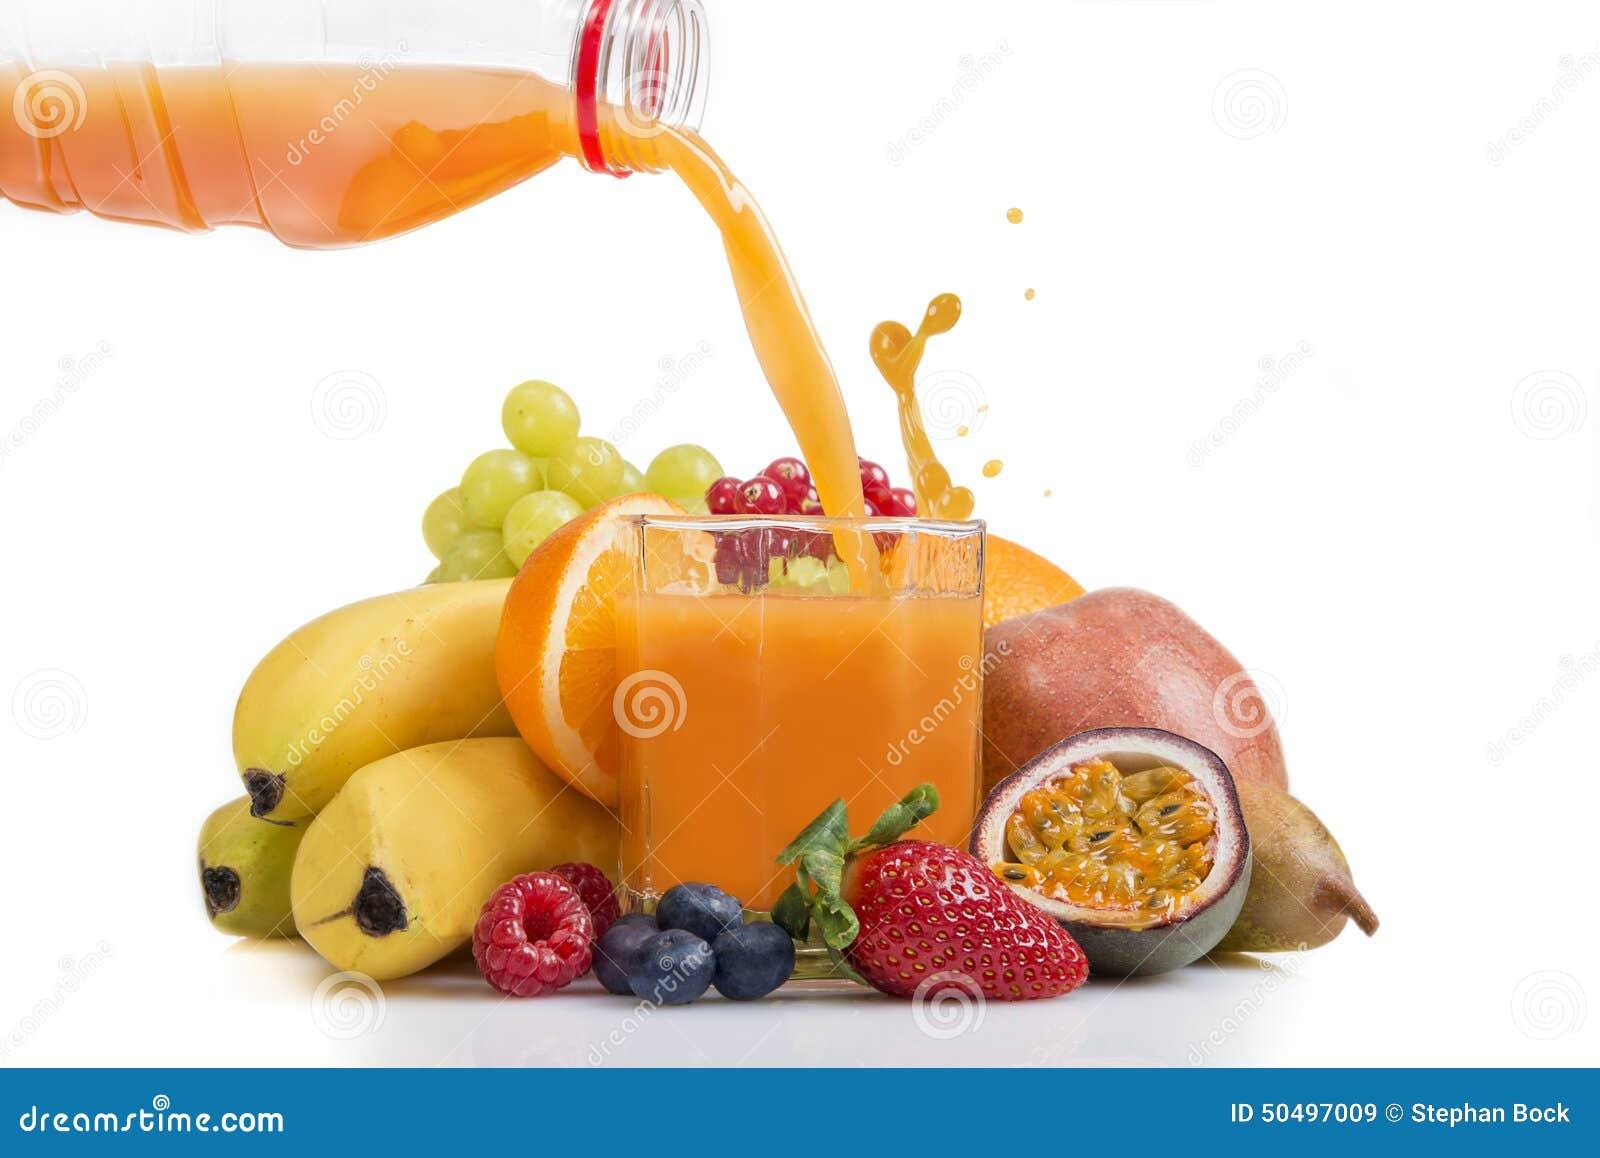 jus-de-fruit-multi-de-vitamine-%C3%A9tant-vers%C3%A9-de-la-bouteille-50497009